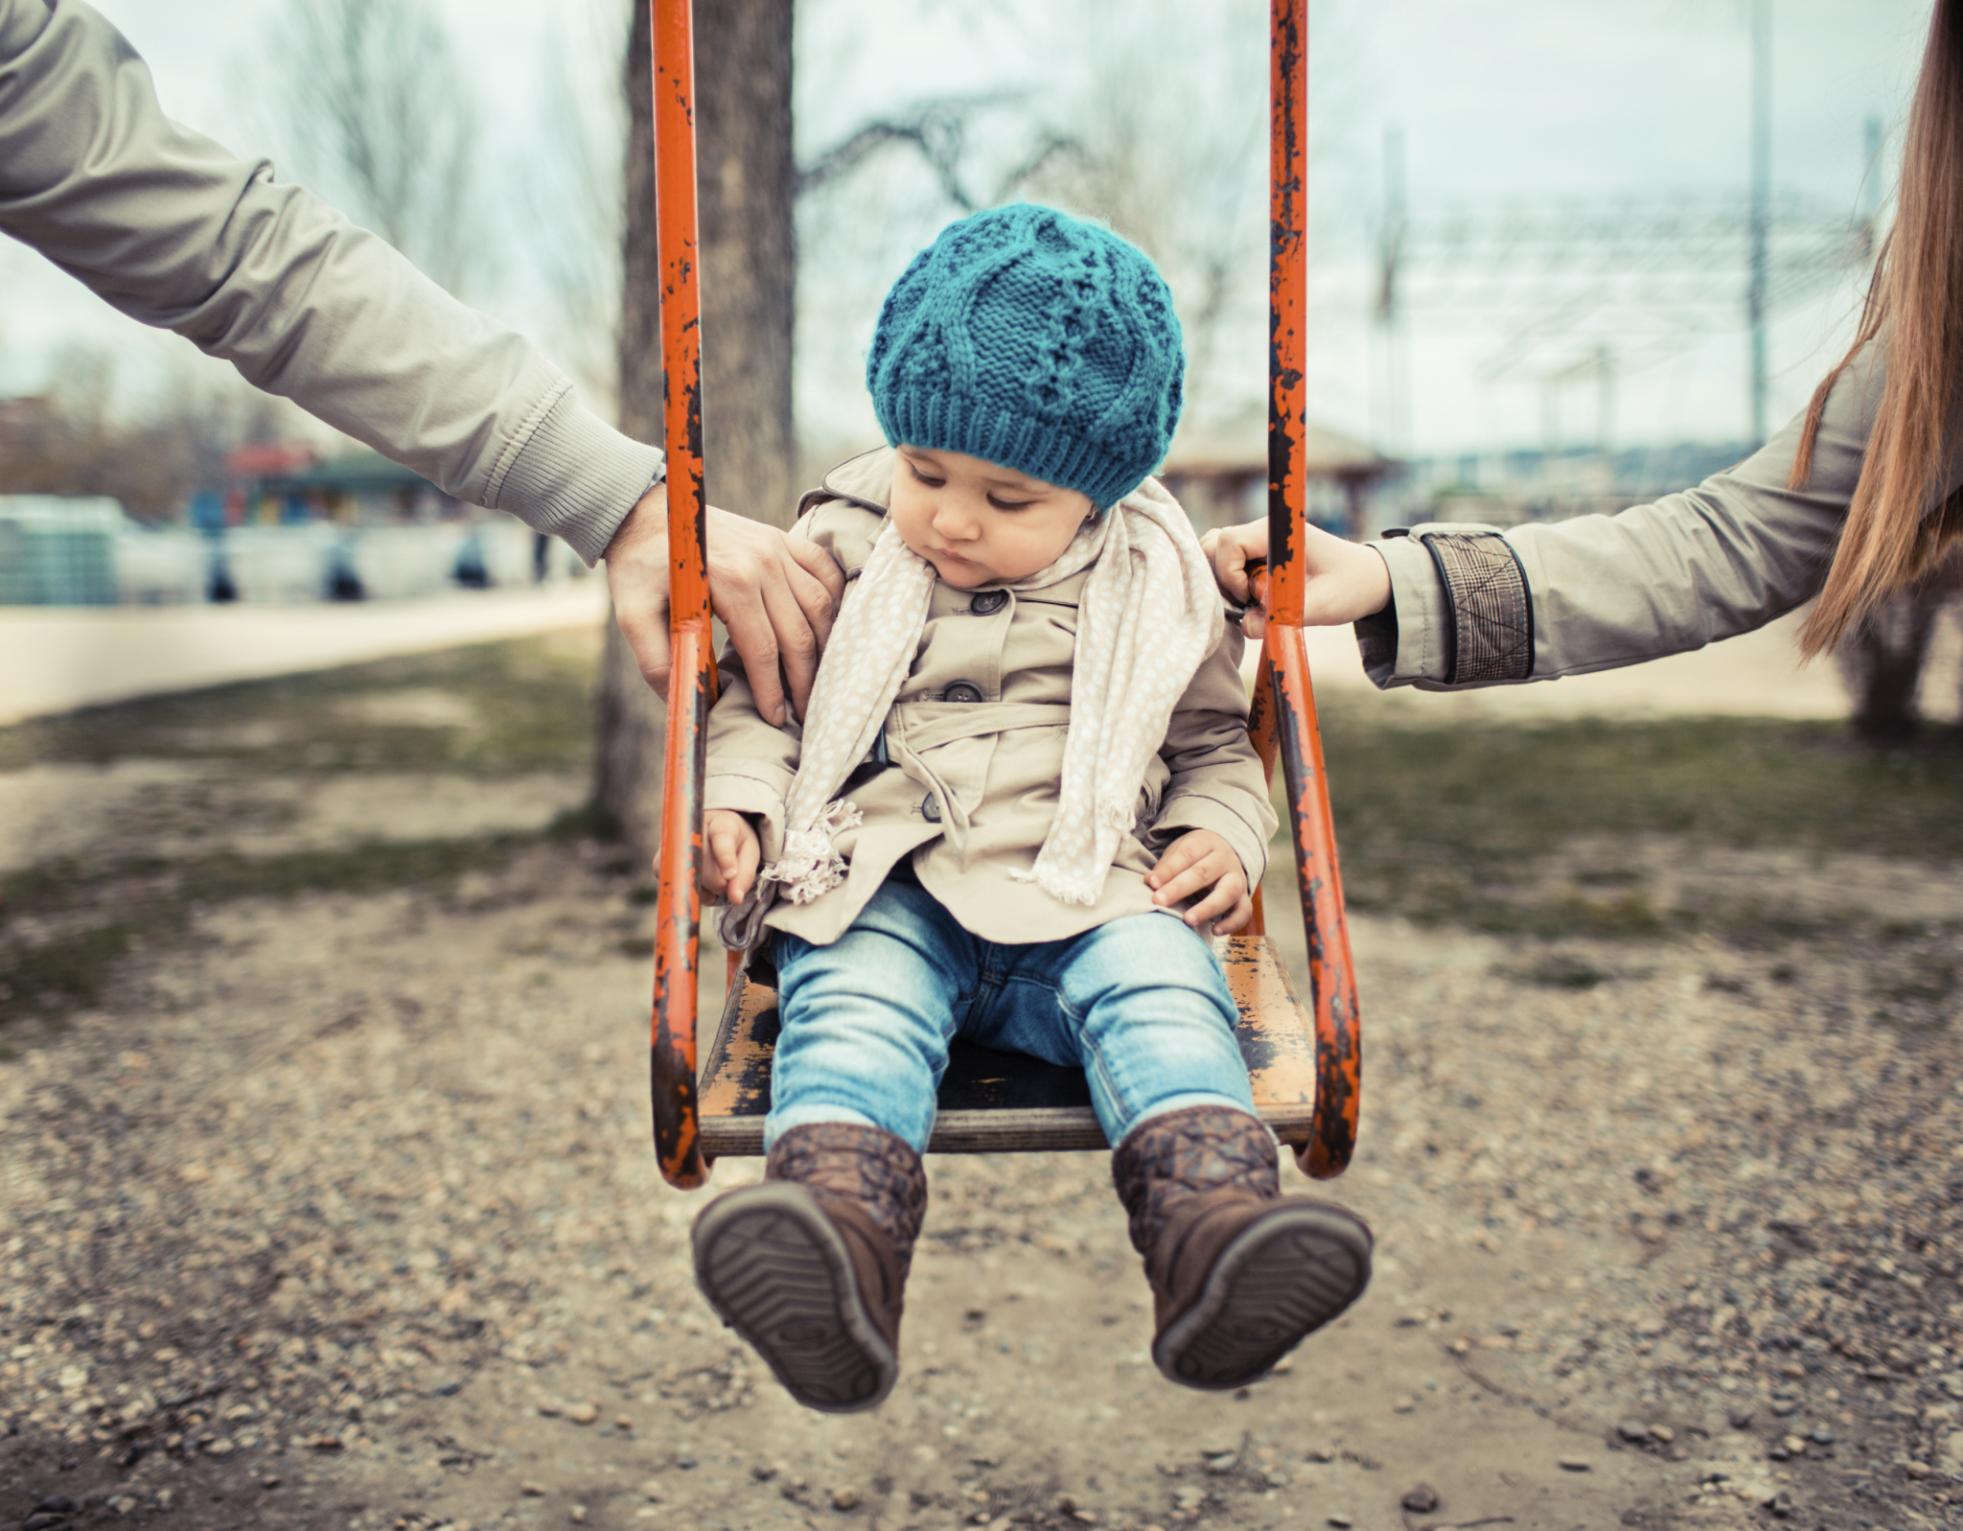 Los hijos de padres divoerciados sufren el síndomre de alienación parental en algunos casos.